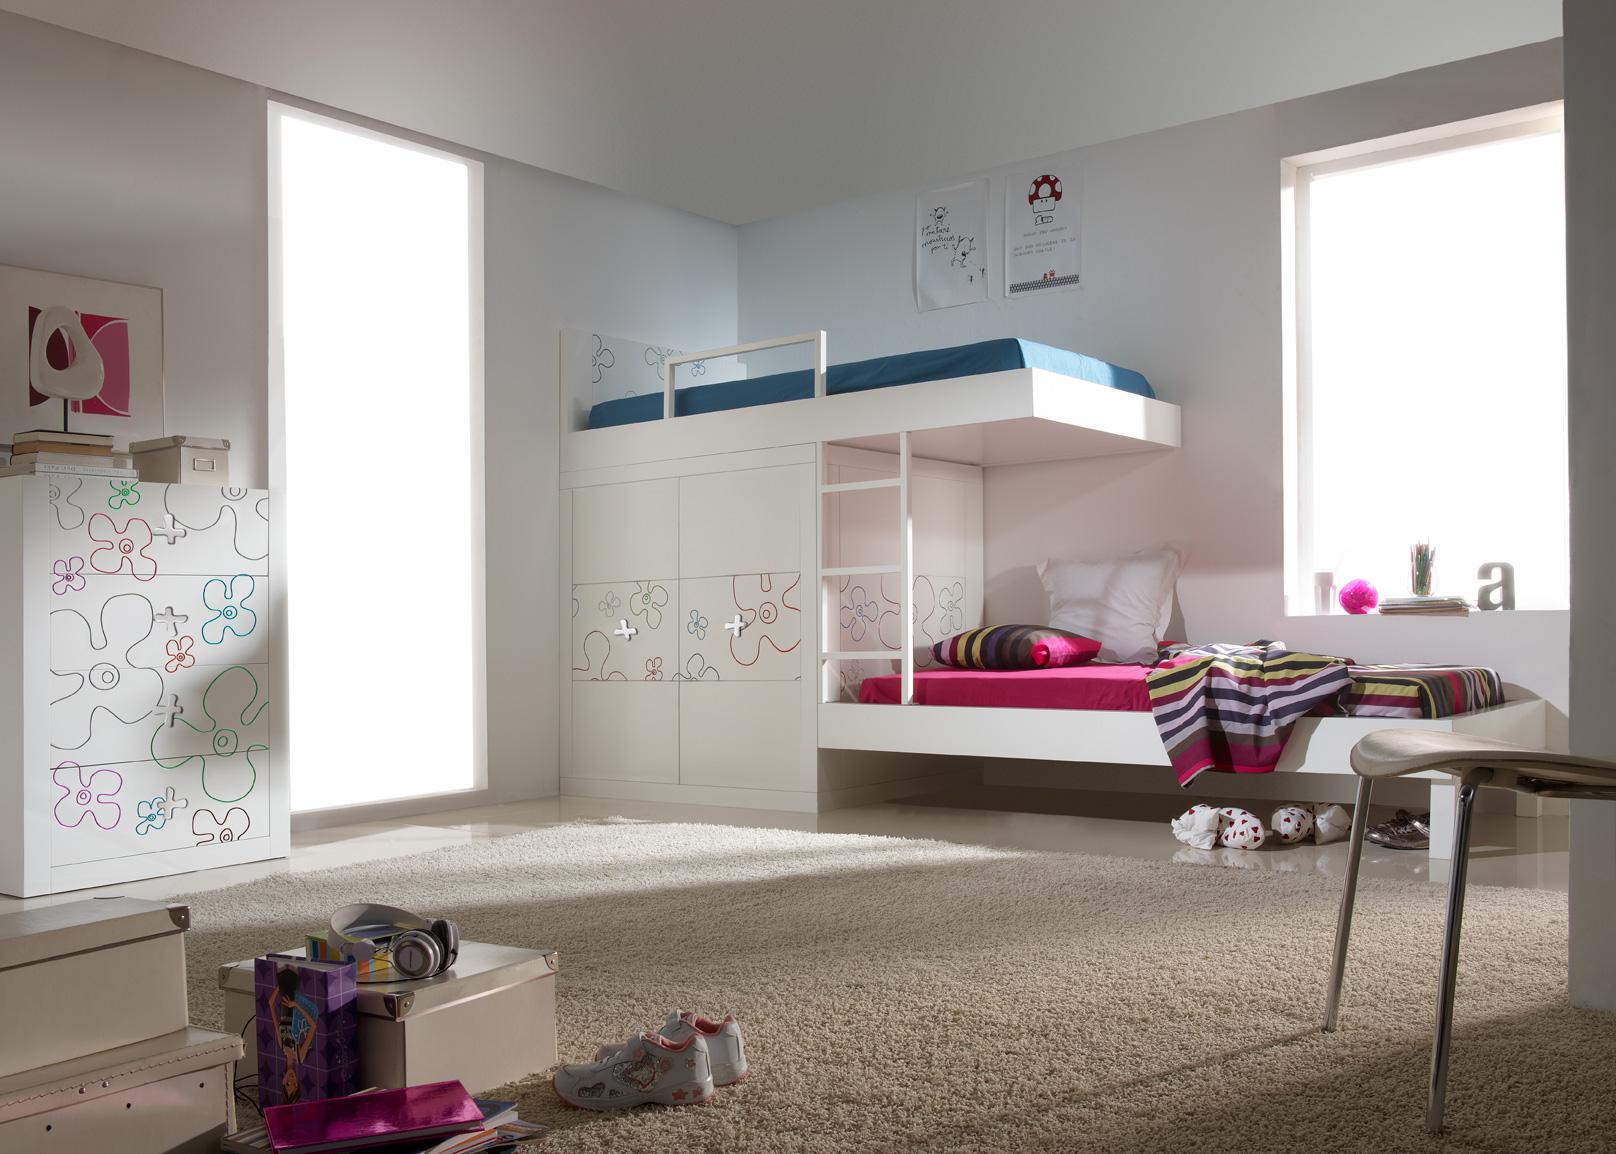 Muebles paco cabalero tu tienda de muebles - Dormitorios juveniles almeria ...